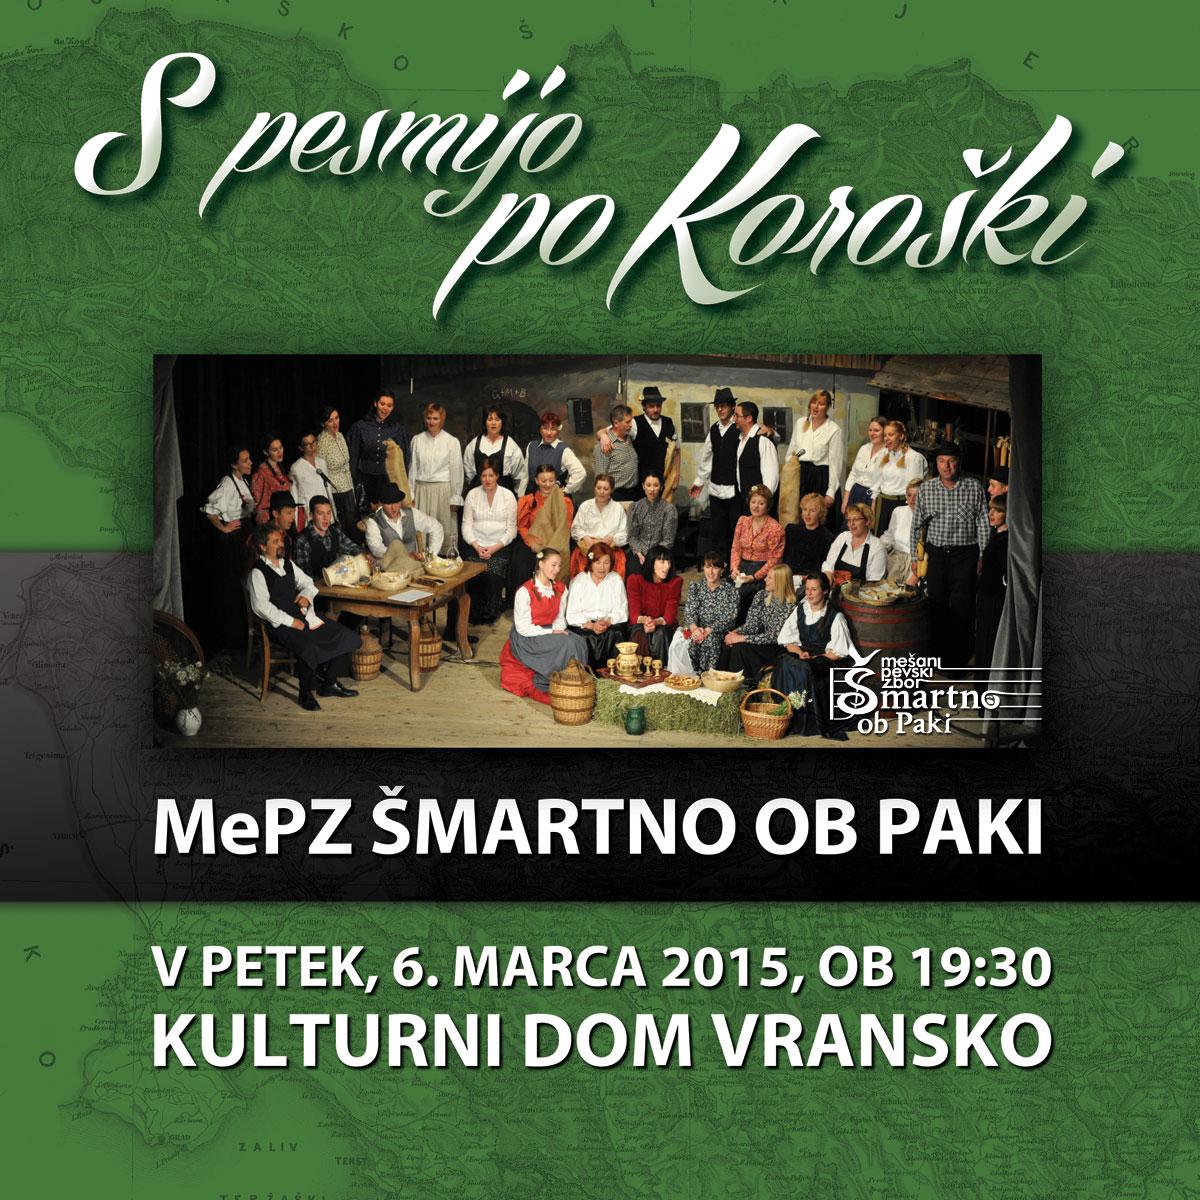 Plakat_A3_MePZ-SOP-S-pesmijo-po-Koroski-vransko-fl